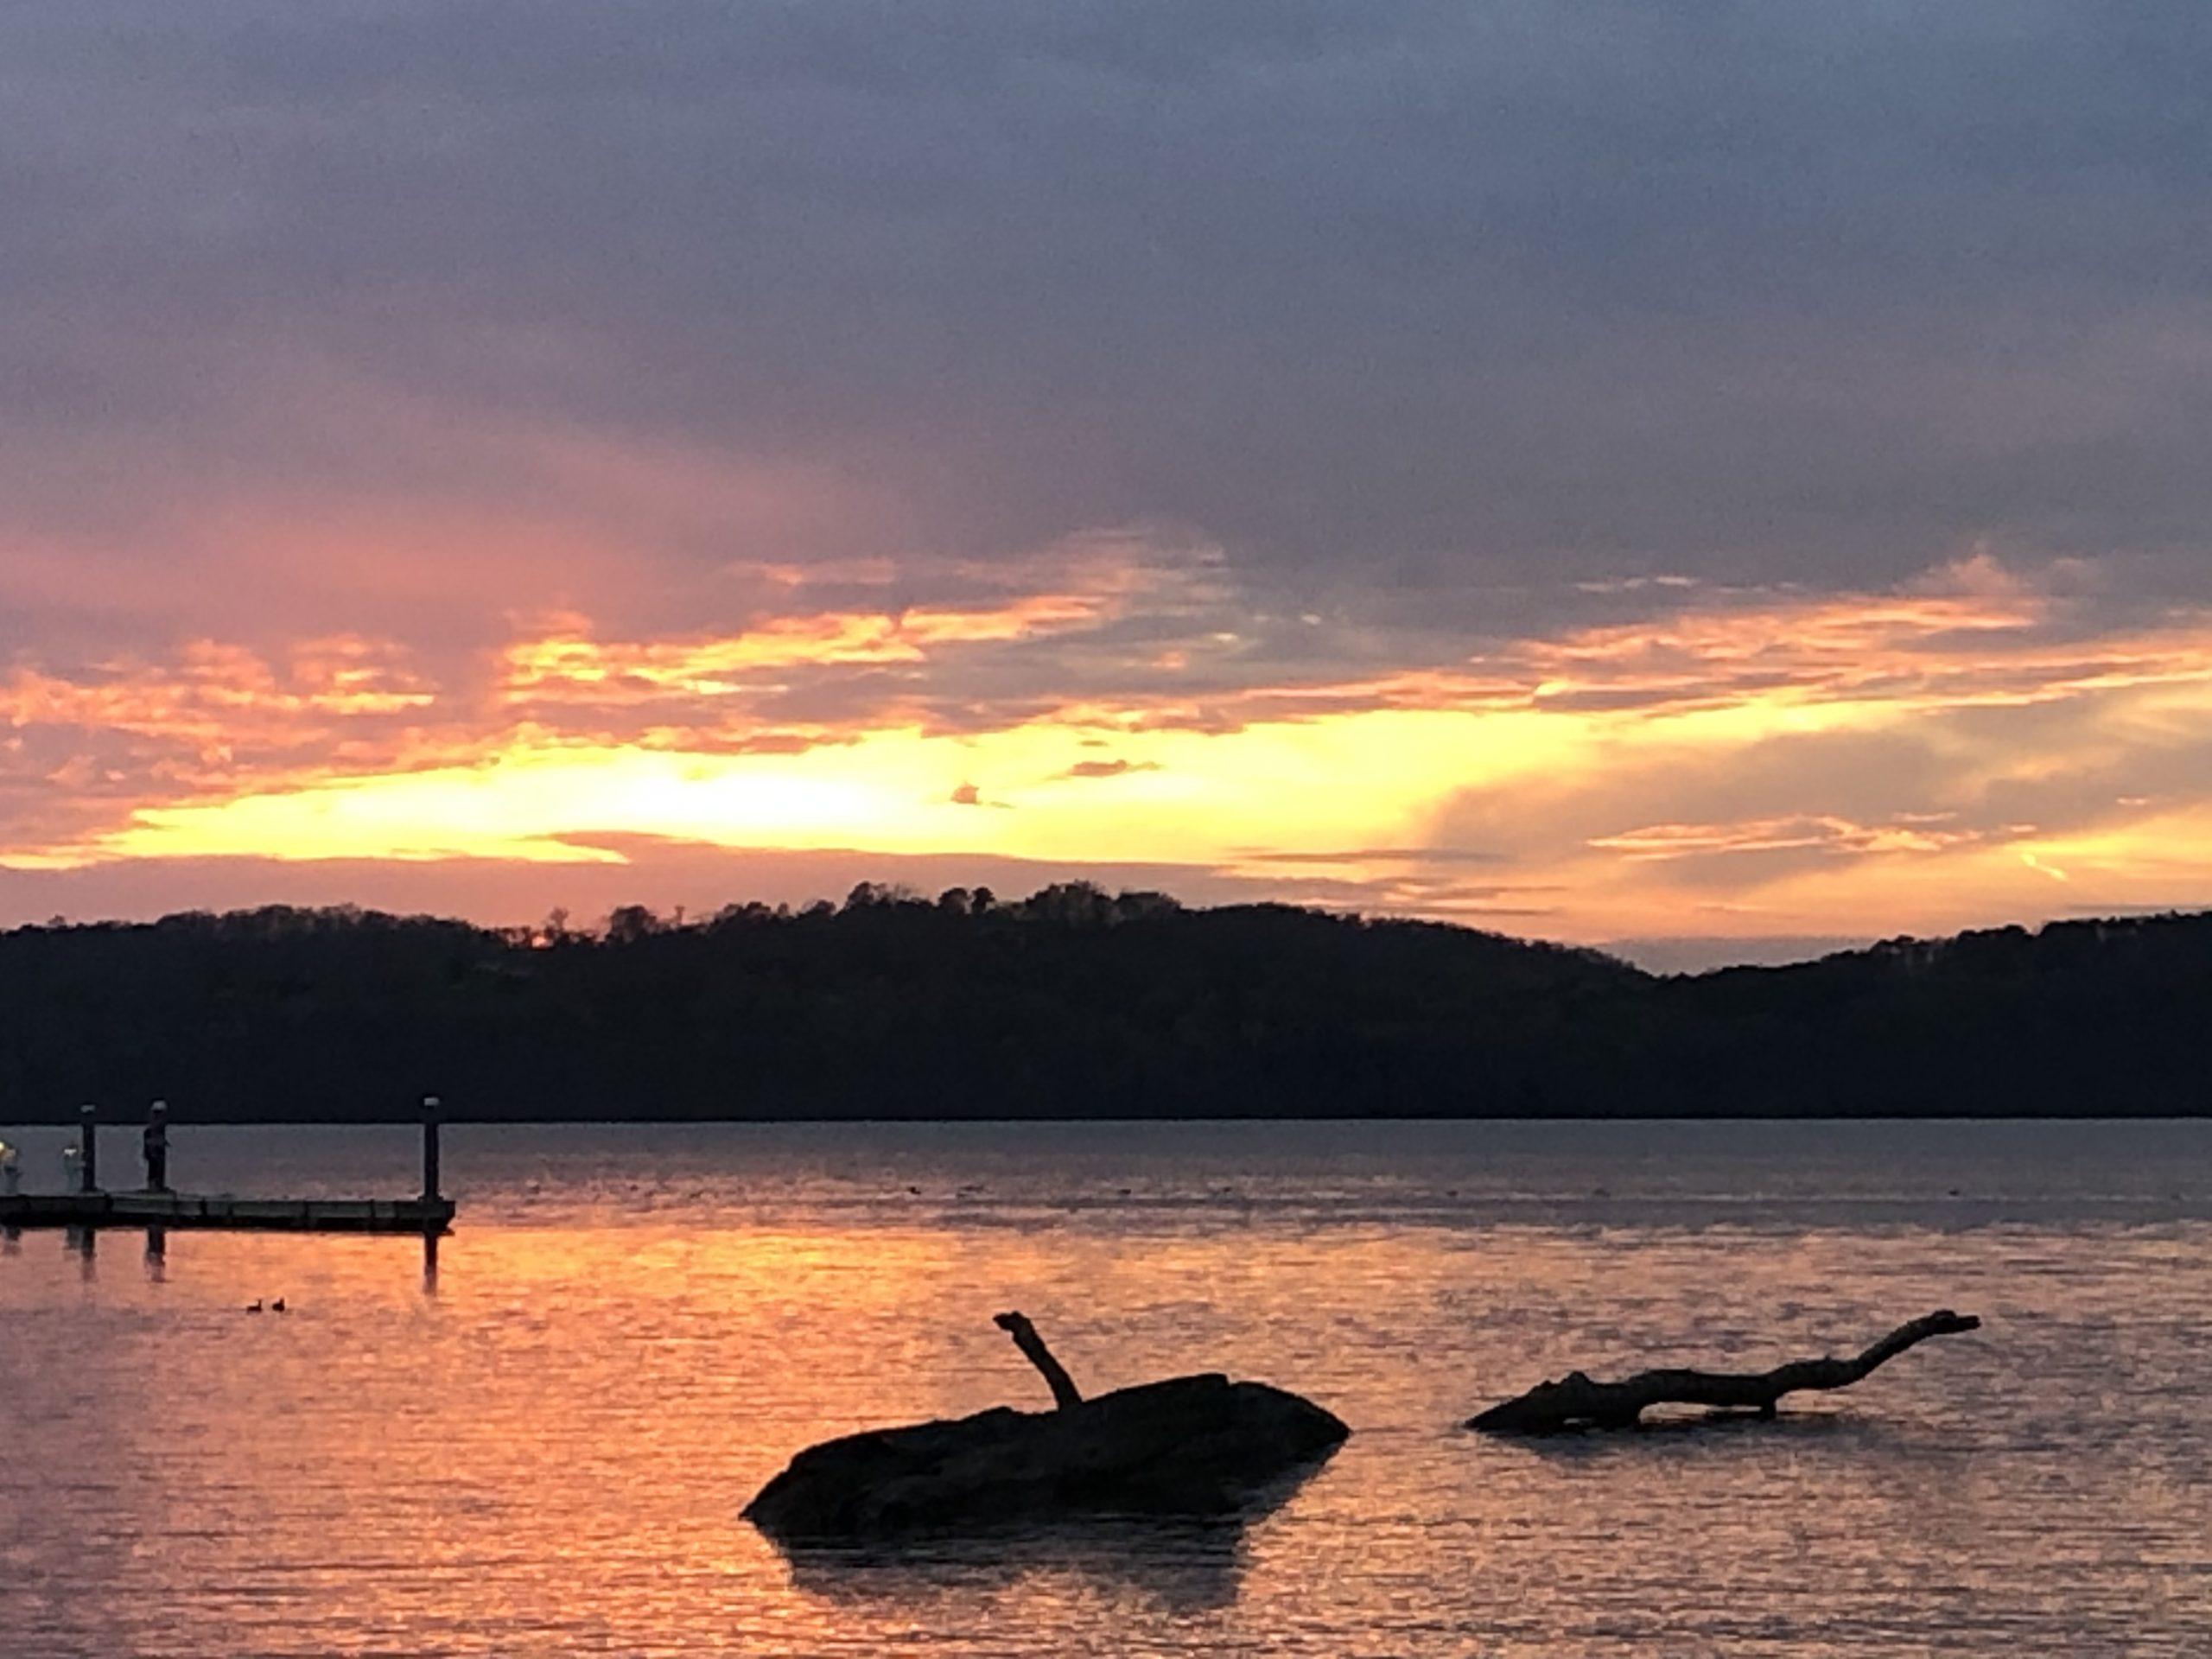 Sunset at Lake Guntersville, to Gaze on the Lord's Beauty Psalm 27